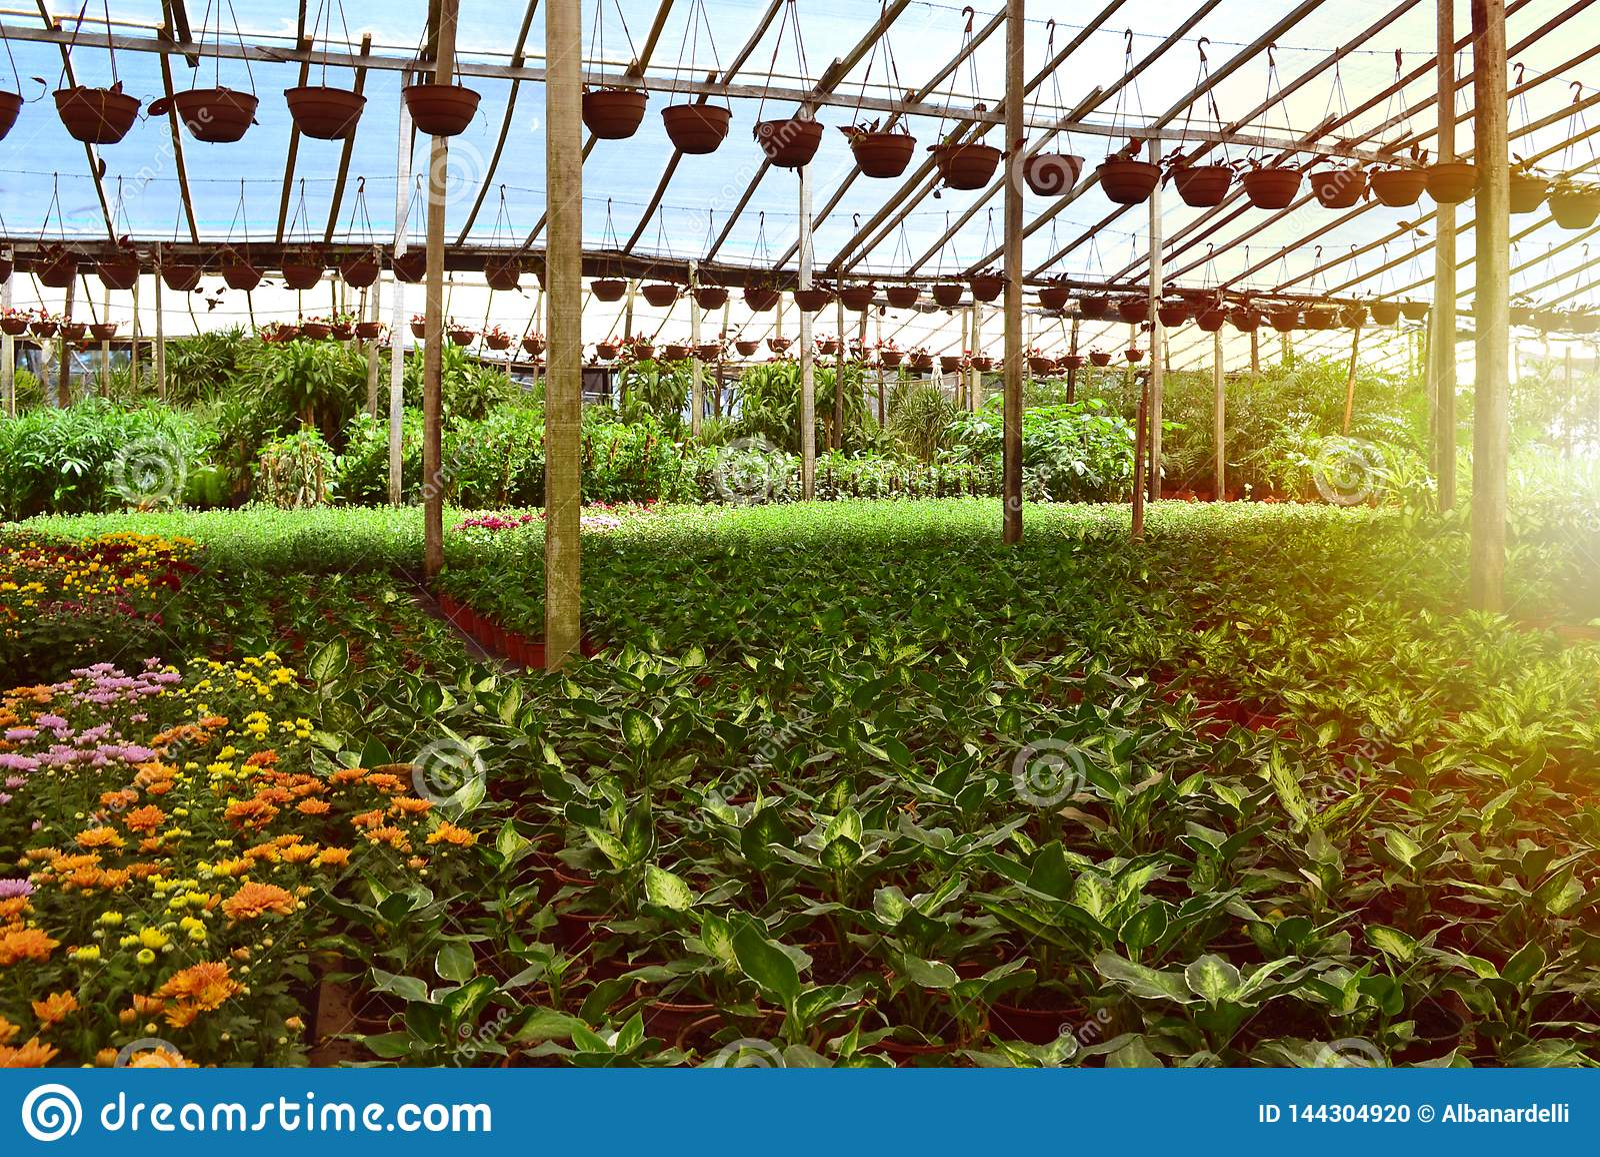 Productor del cuarto de niños de plantas y de árboles